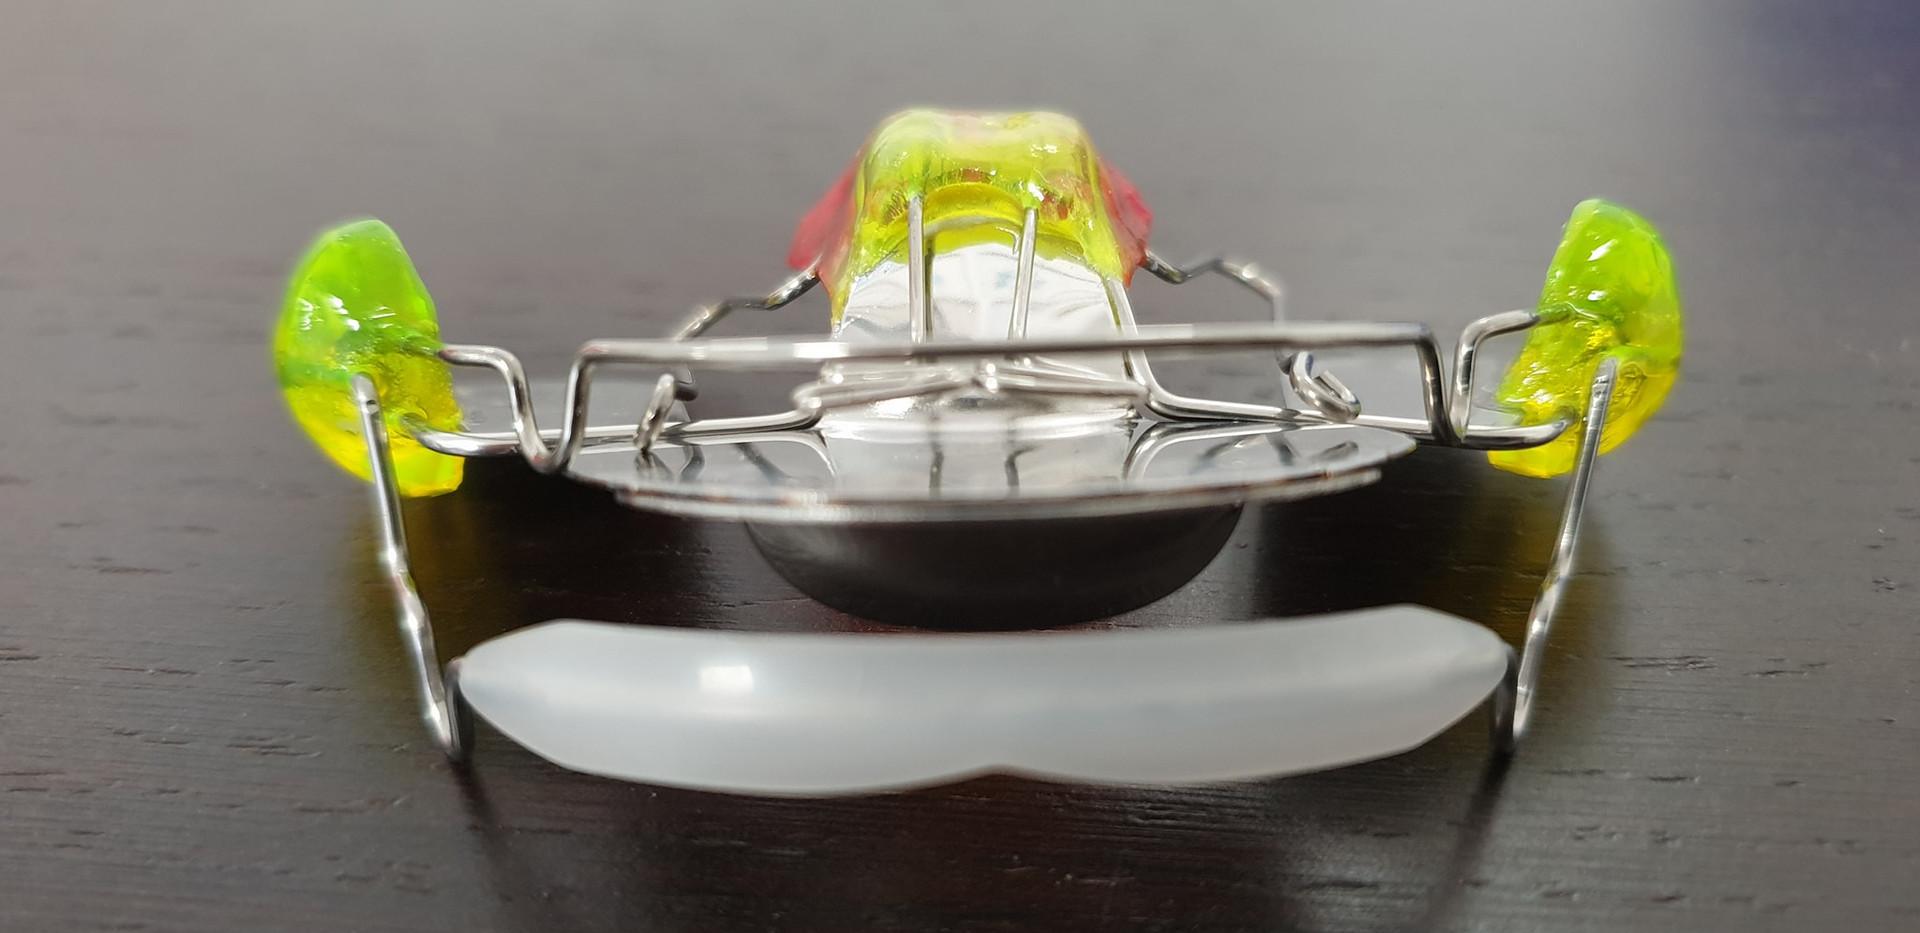 pcfm con lip bumper e piano avanzamento